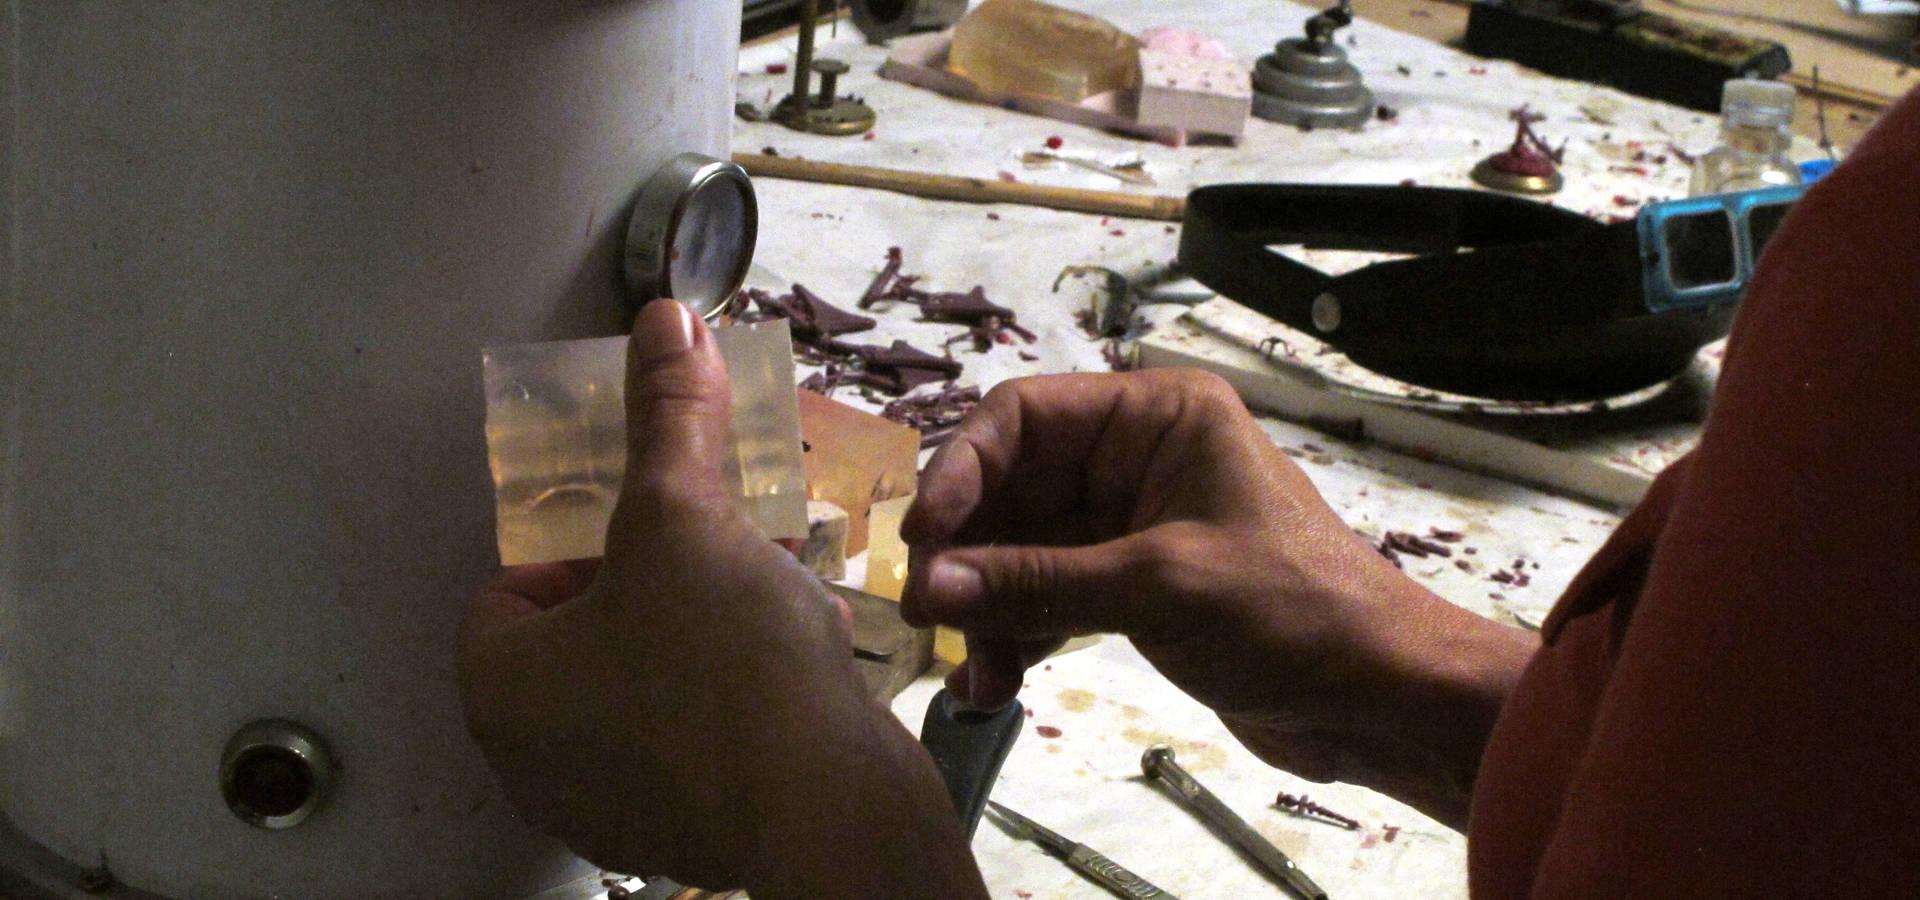 Les miniatures de l'once d'art – Timée sarl